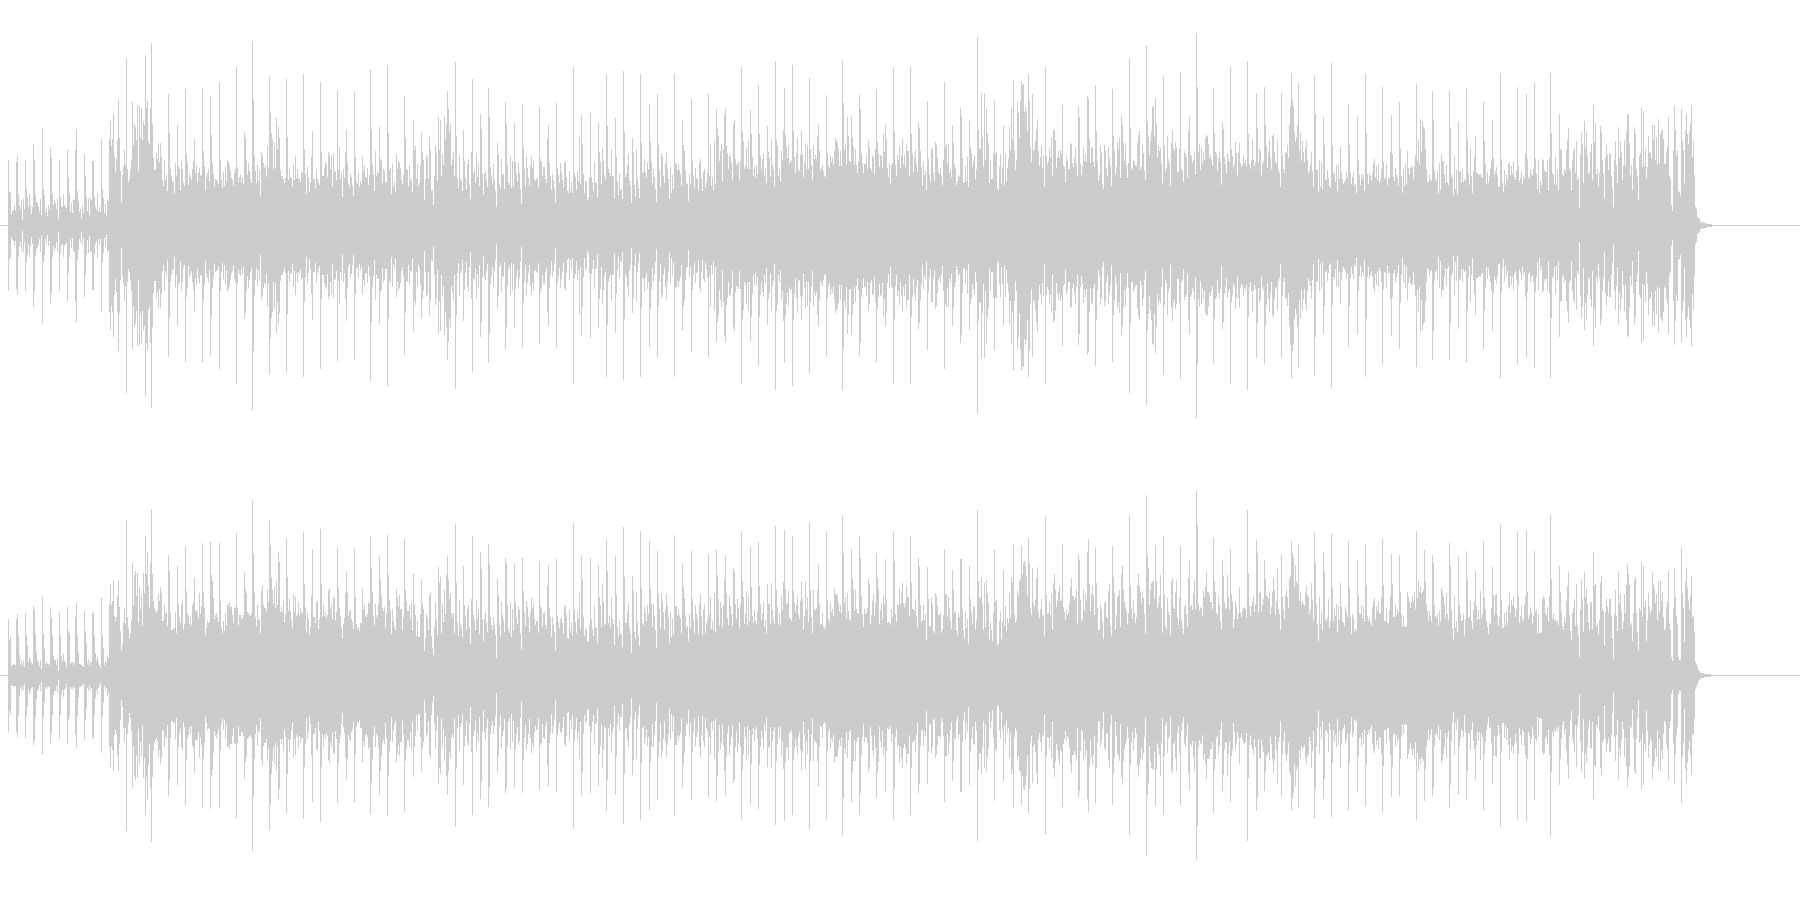 不滅のイケイケ哀愁味ユーロ・ビートの未再生の波形